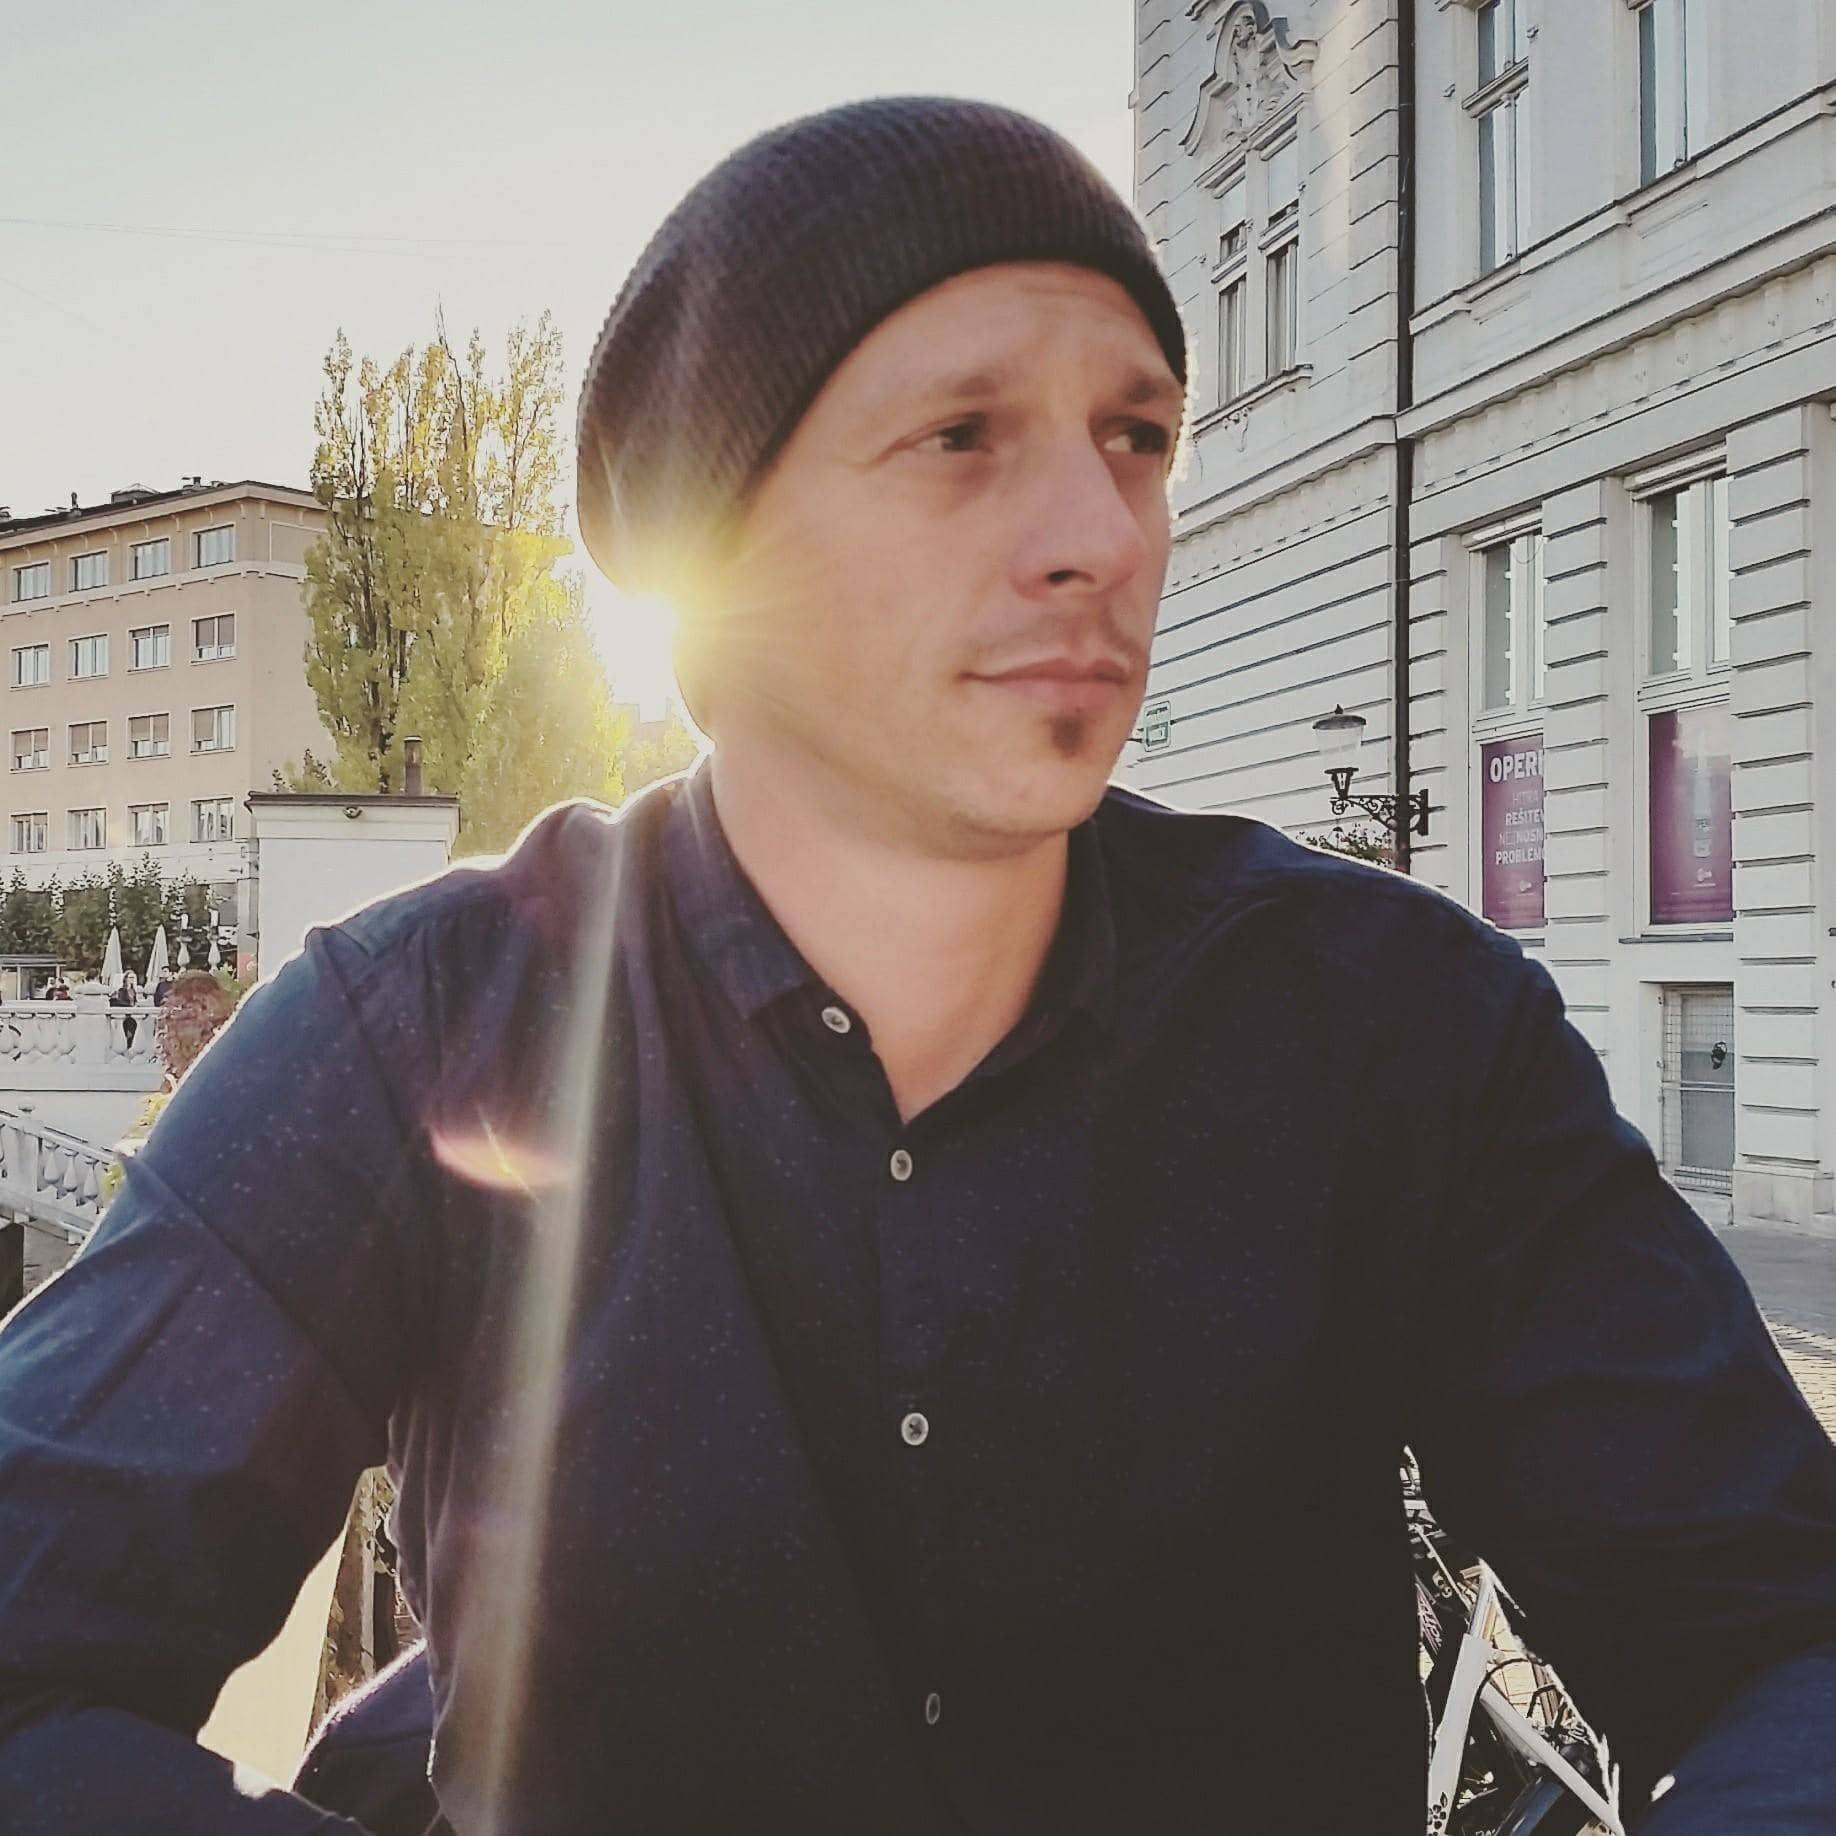 Tobias Brummer, Kameramann und Fotograf